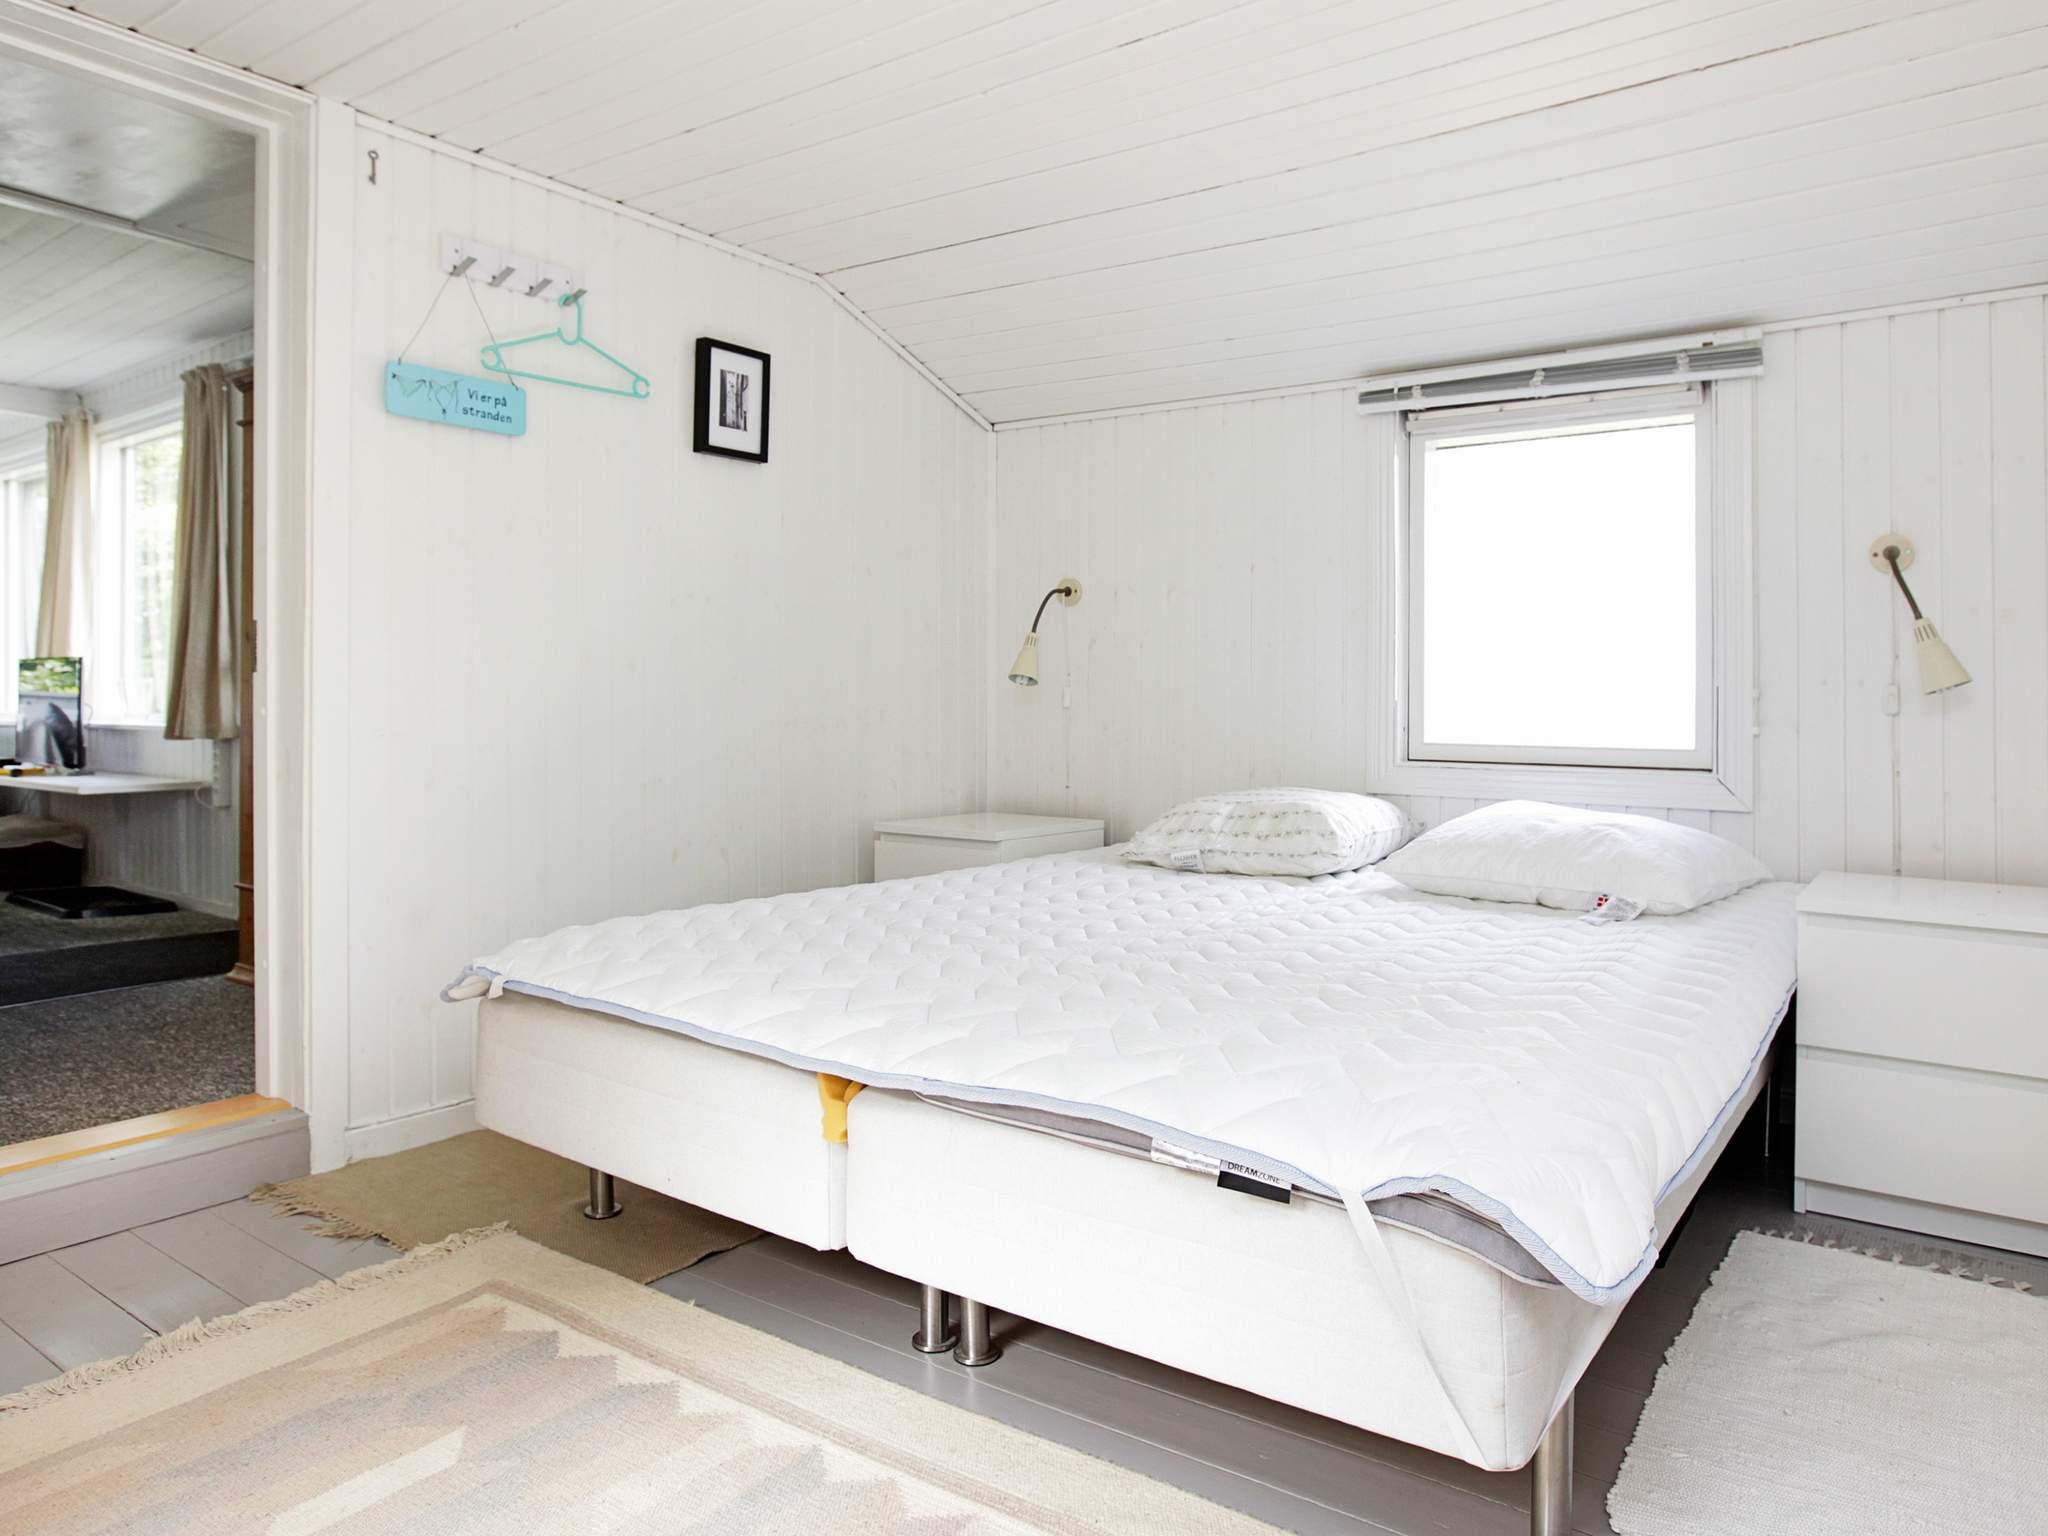 Ferienhaus Veddinge Bakker (83369), Asnæs, , Westseeland, Dänemark, Bild 6